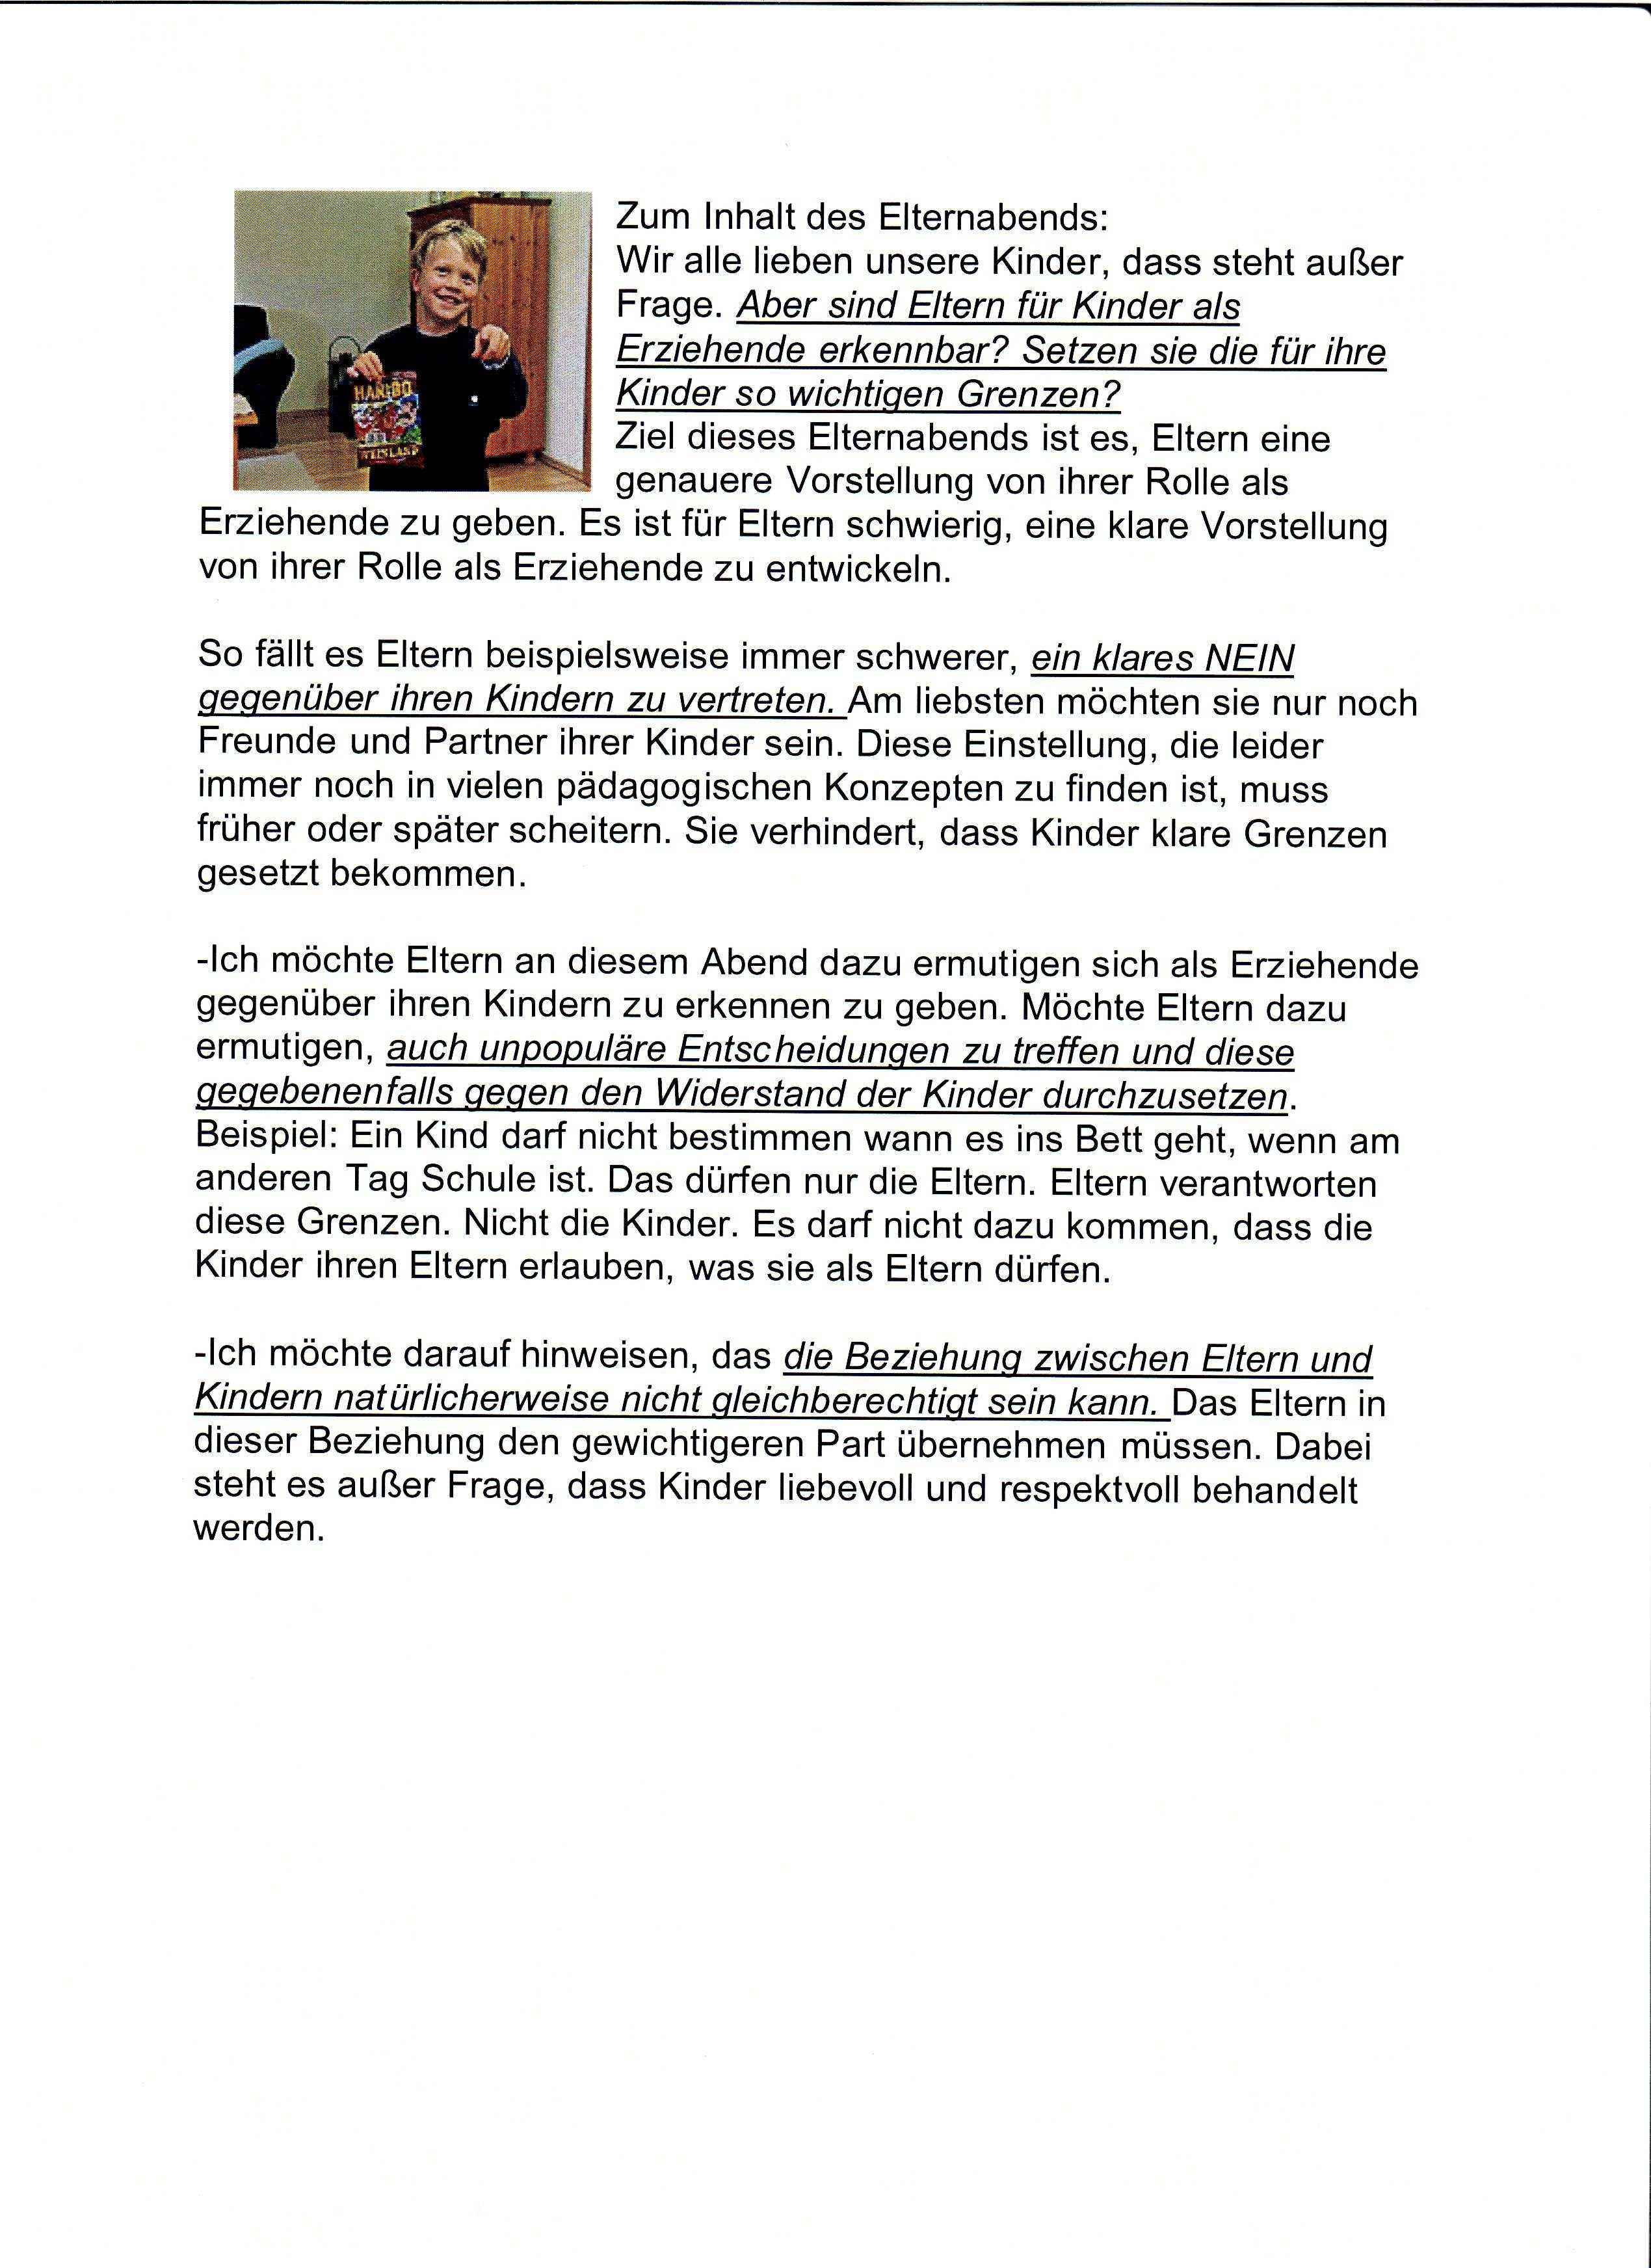 Https Stjakobus Wordpress Com About Https Stjakobus Files Wordpress Com 2010 10 Fz Logo Gif Fz Logo Https Stjakobus Files Wordpress Com 2010 10 Wordpress Jpg Wordpress Stefan Und Jennifer Engel 2015 02 04t21 52 25 00 00 Weekly 0 6 Https